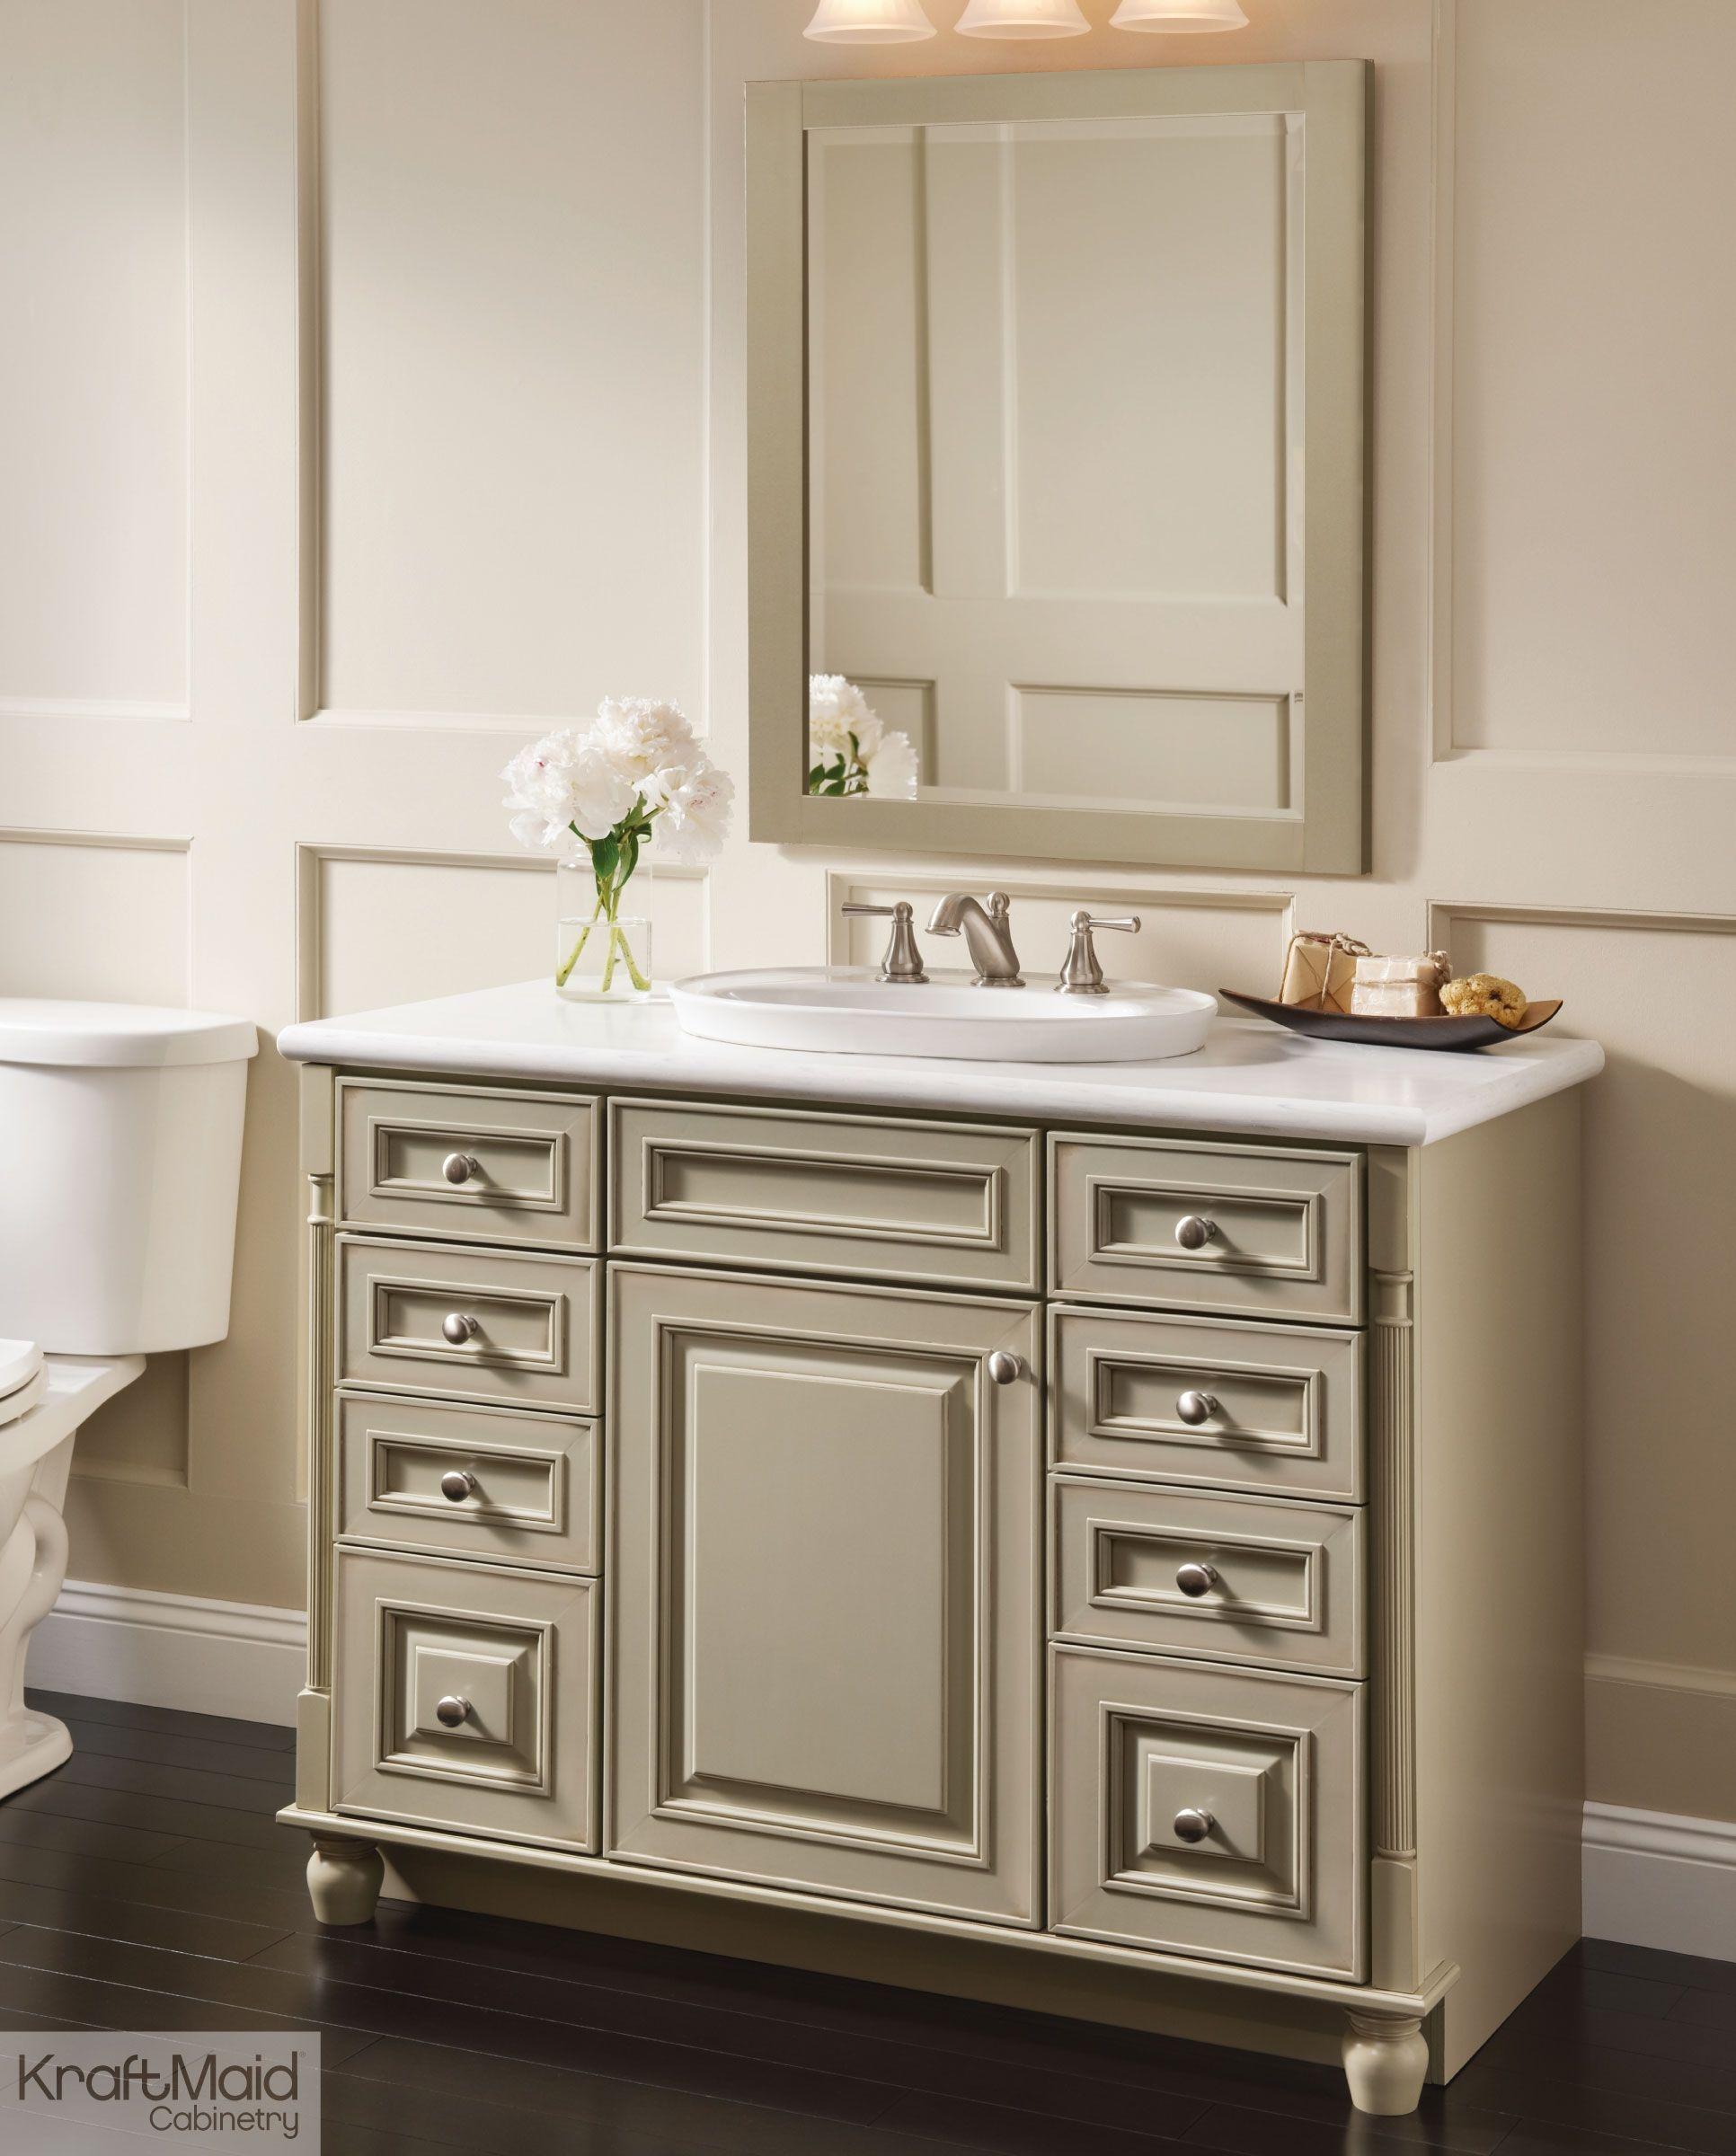 Sizes Of Kraftmaid Bathroom Vanities Bathroom Wall Cabinets